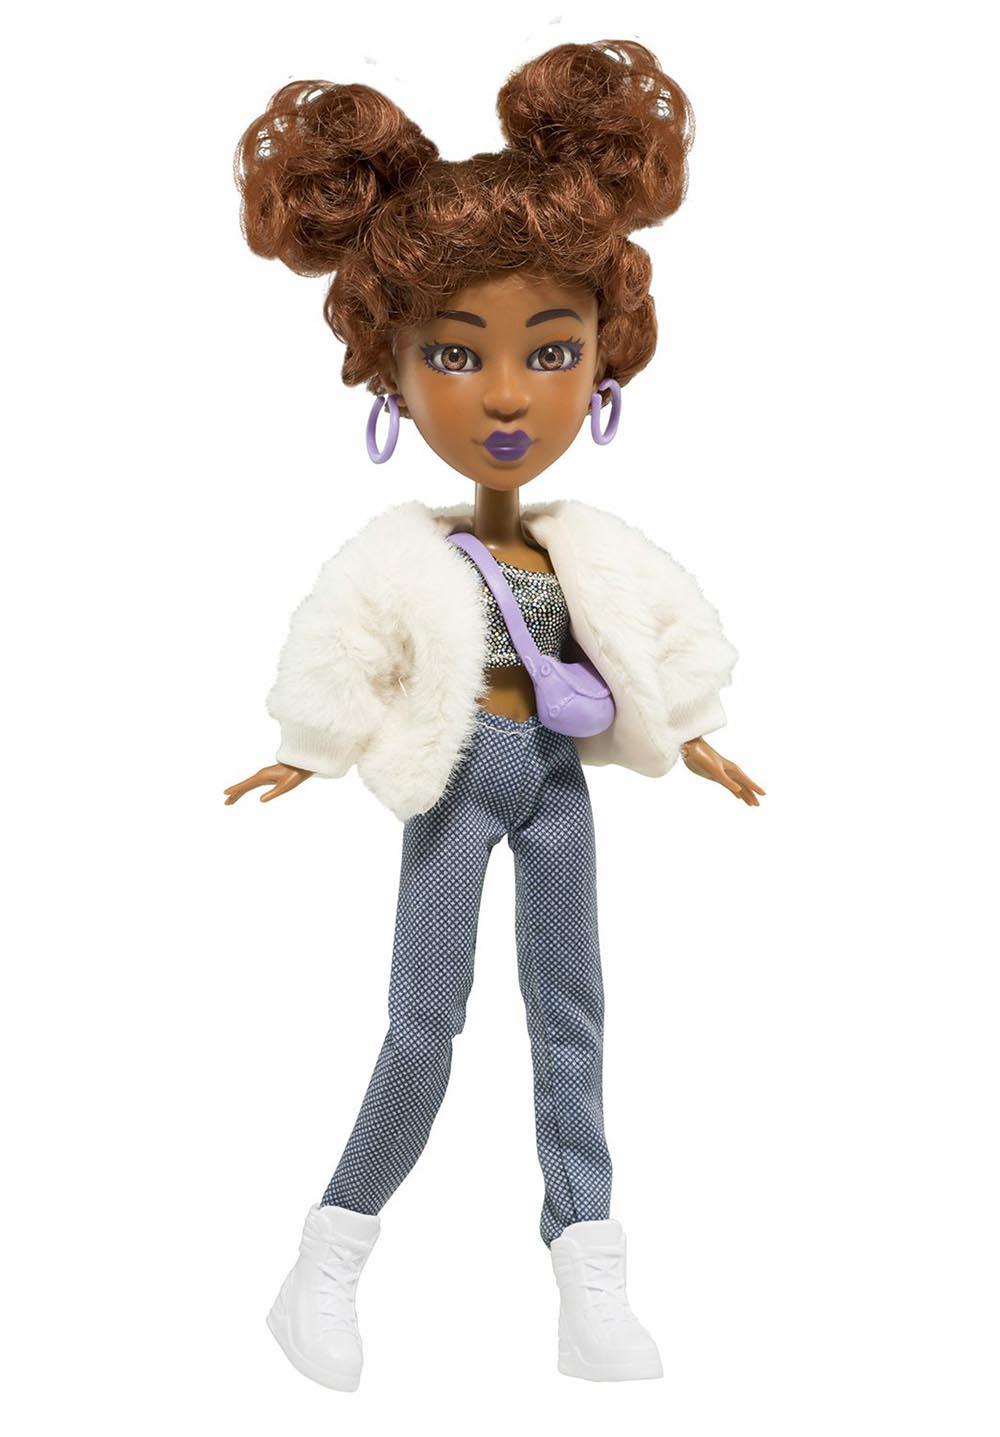 Т16244 Кукла SnapStar Izzy 23 см. с аксессуарами